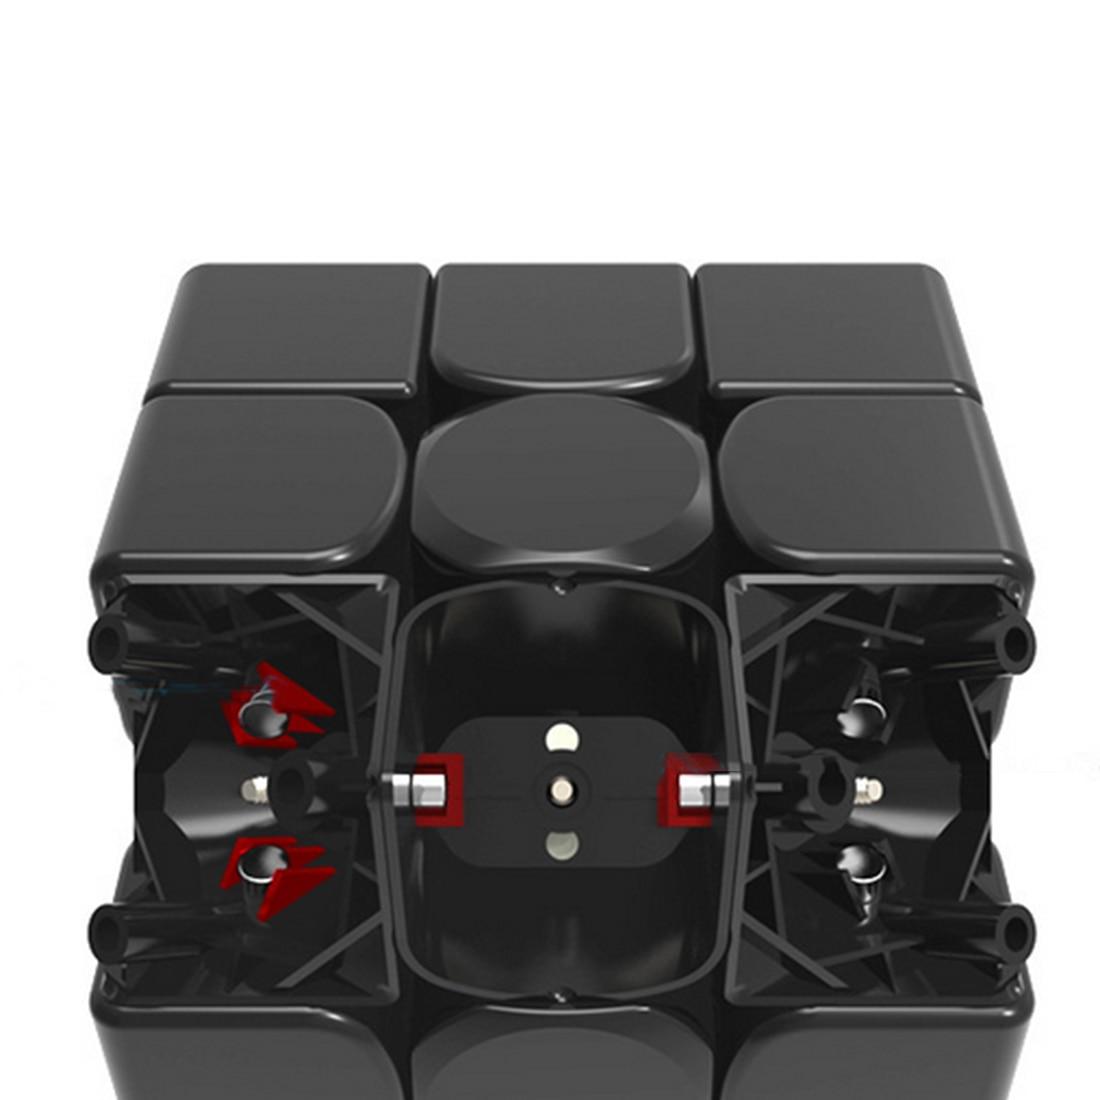 UTOYSLAND 60 pièces GAN356 Air SM Version magnétique Speedcubing 3x3 Cube magique pour compétition-noir - 2